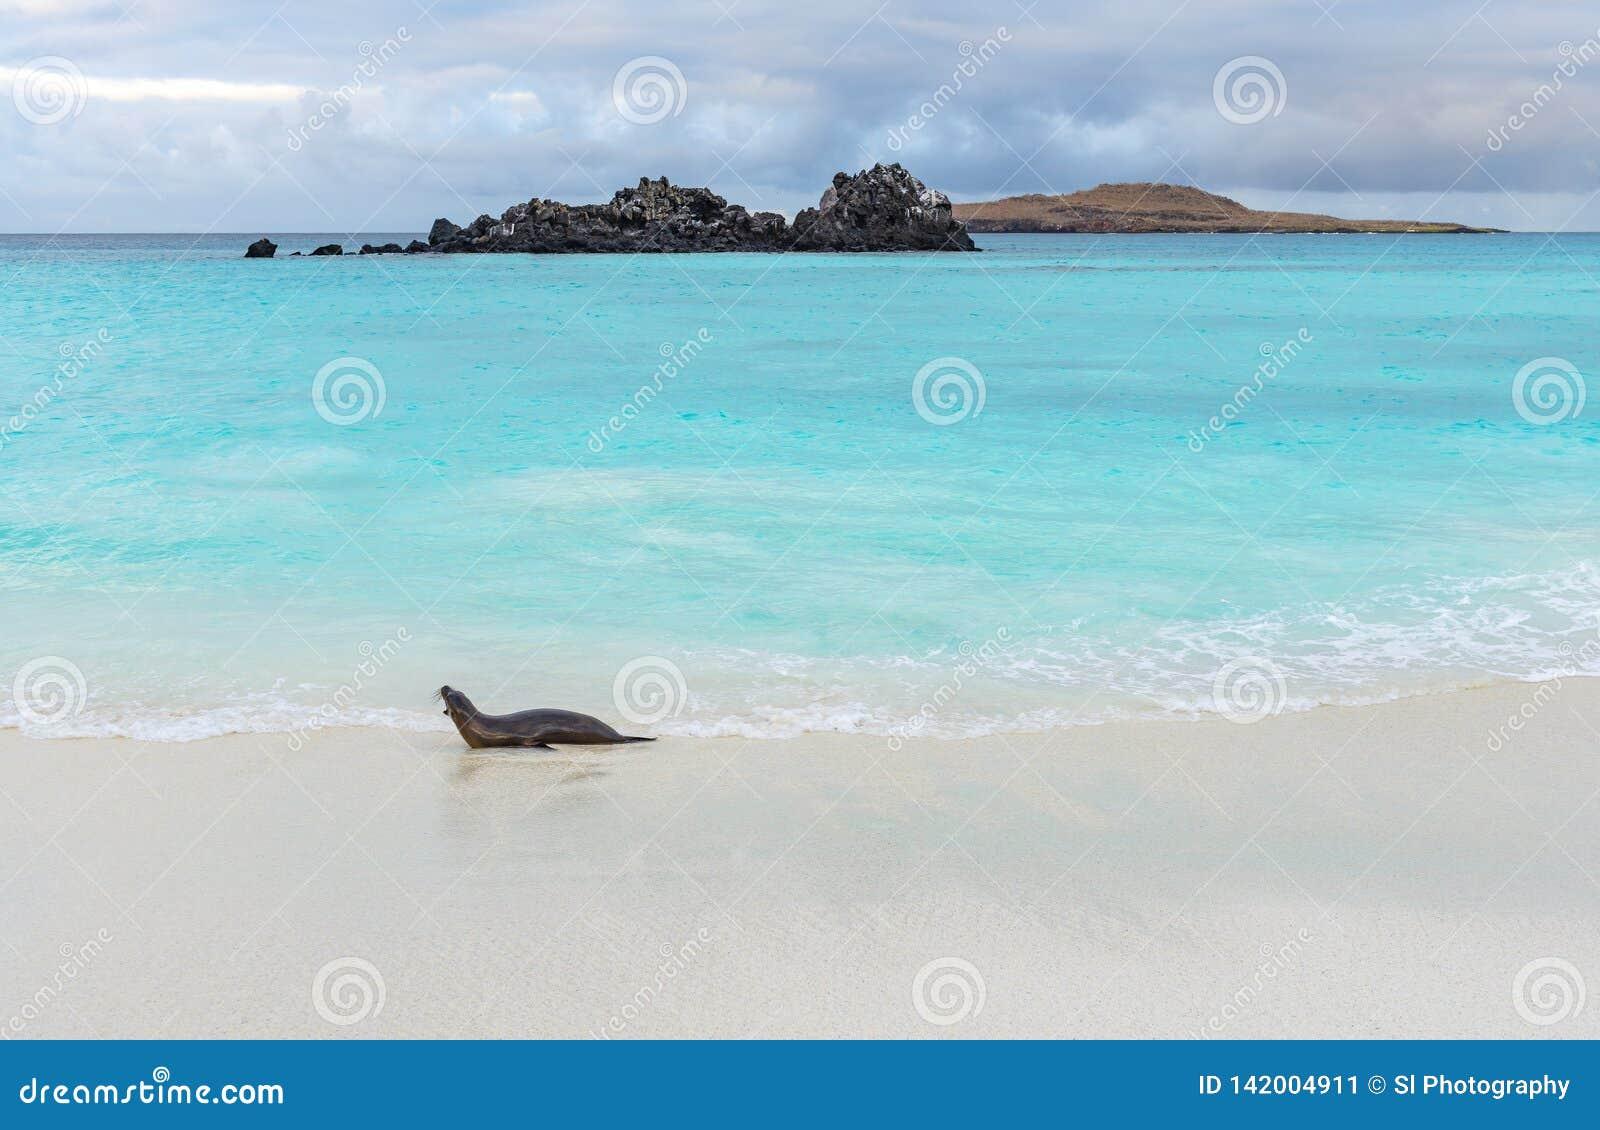 Leão de mar de Galápagos, Ilhas Galápagos, Equador